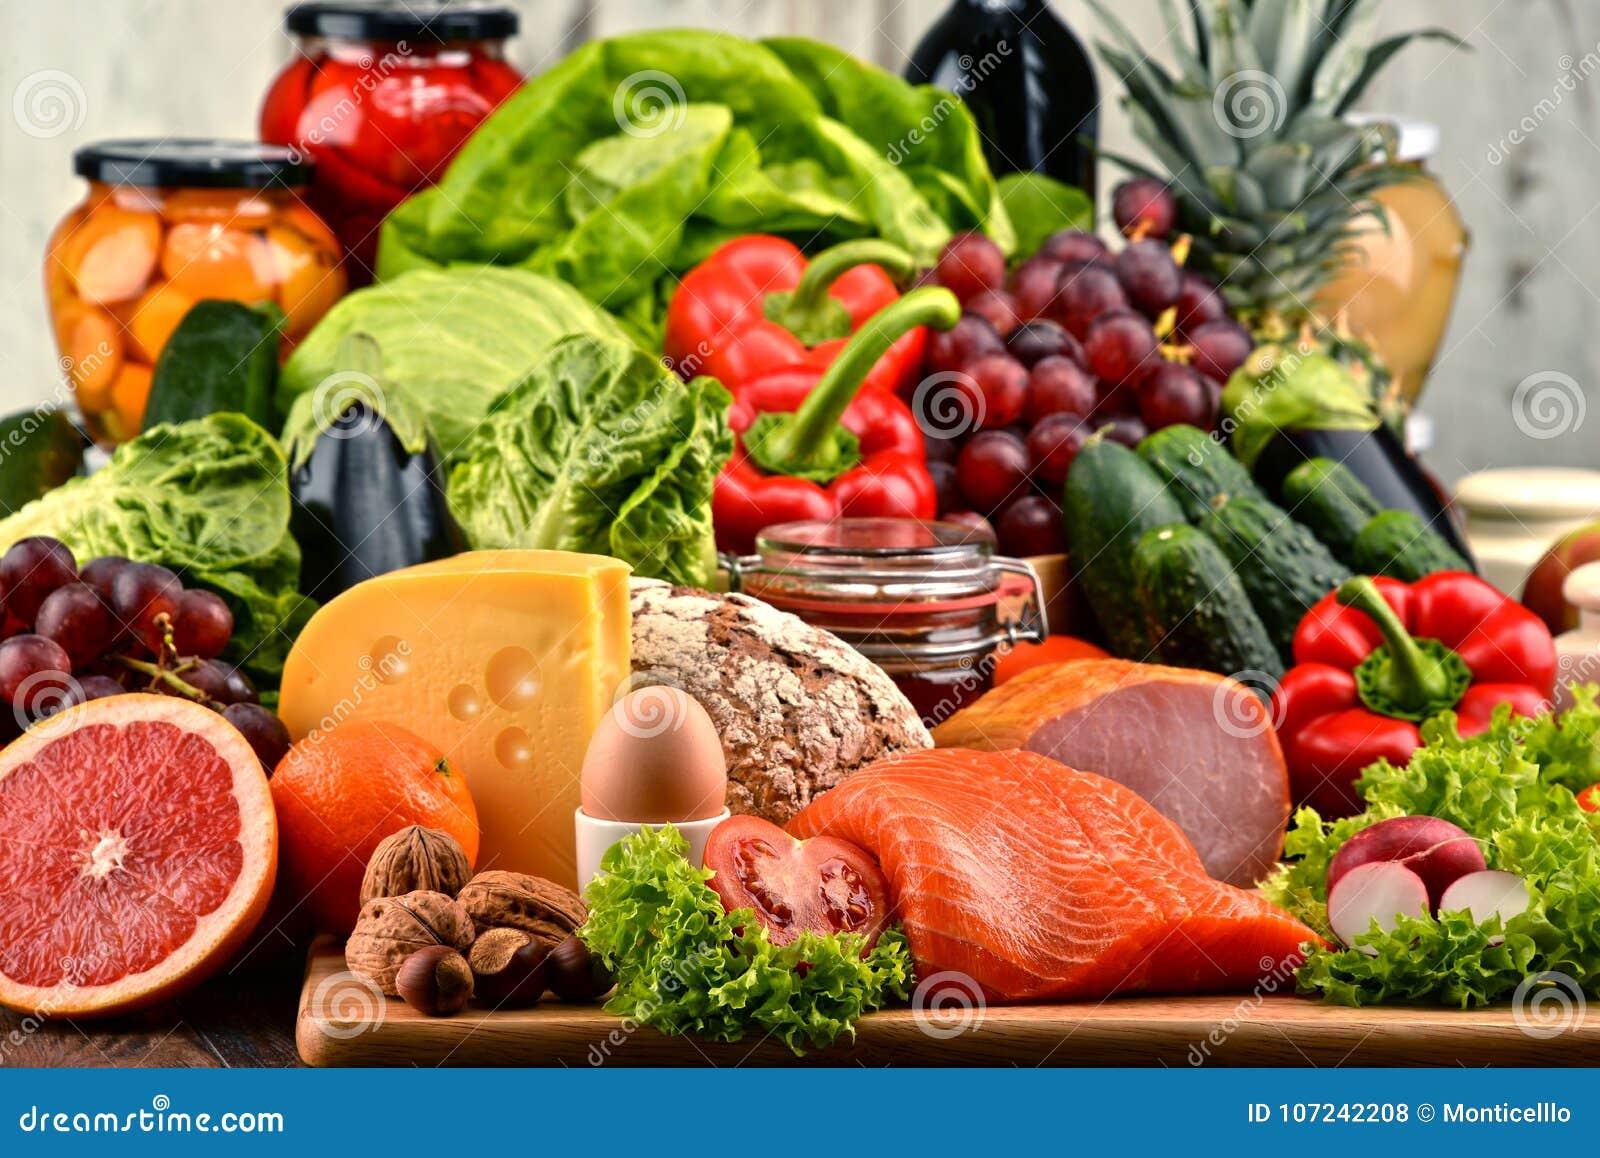 有机食品包括菜果子面包牛奶店和肉